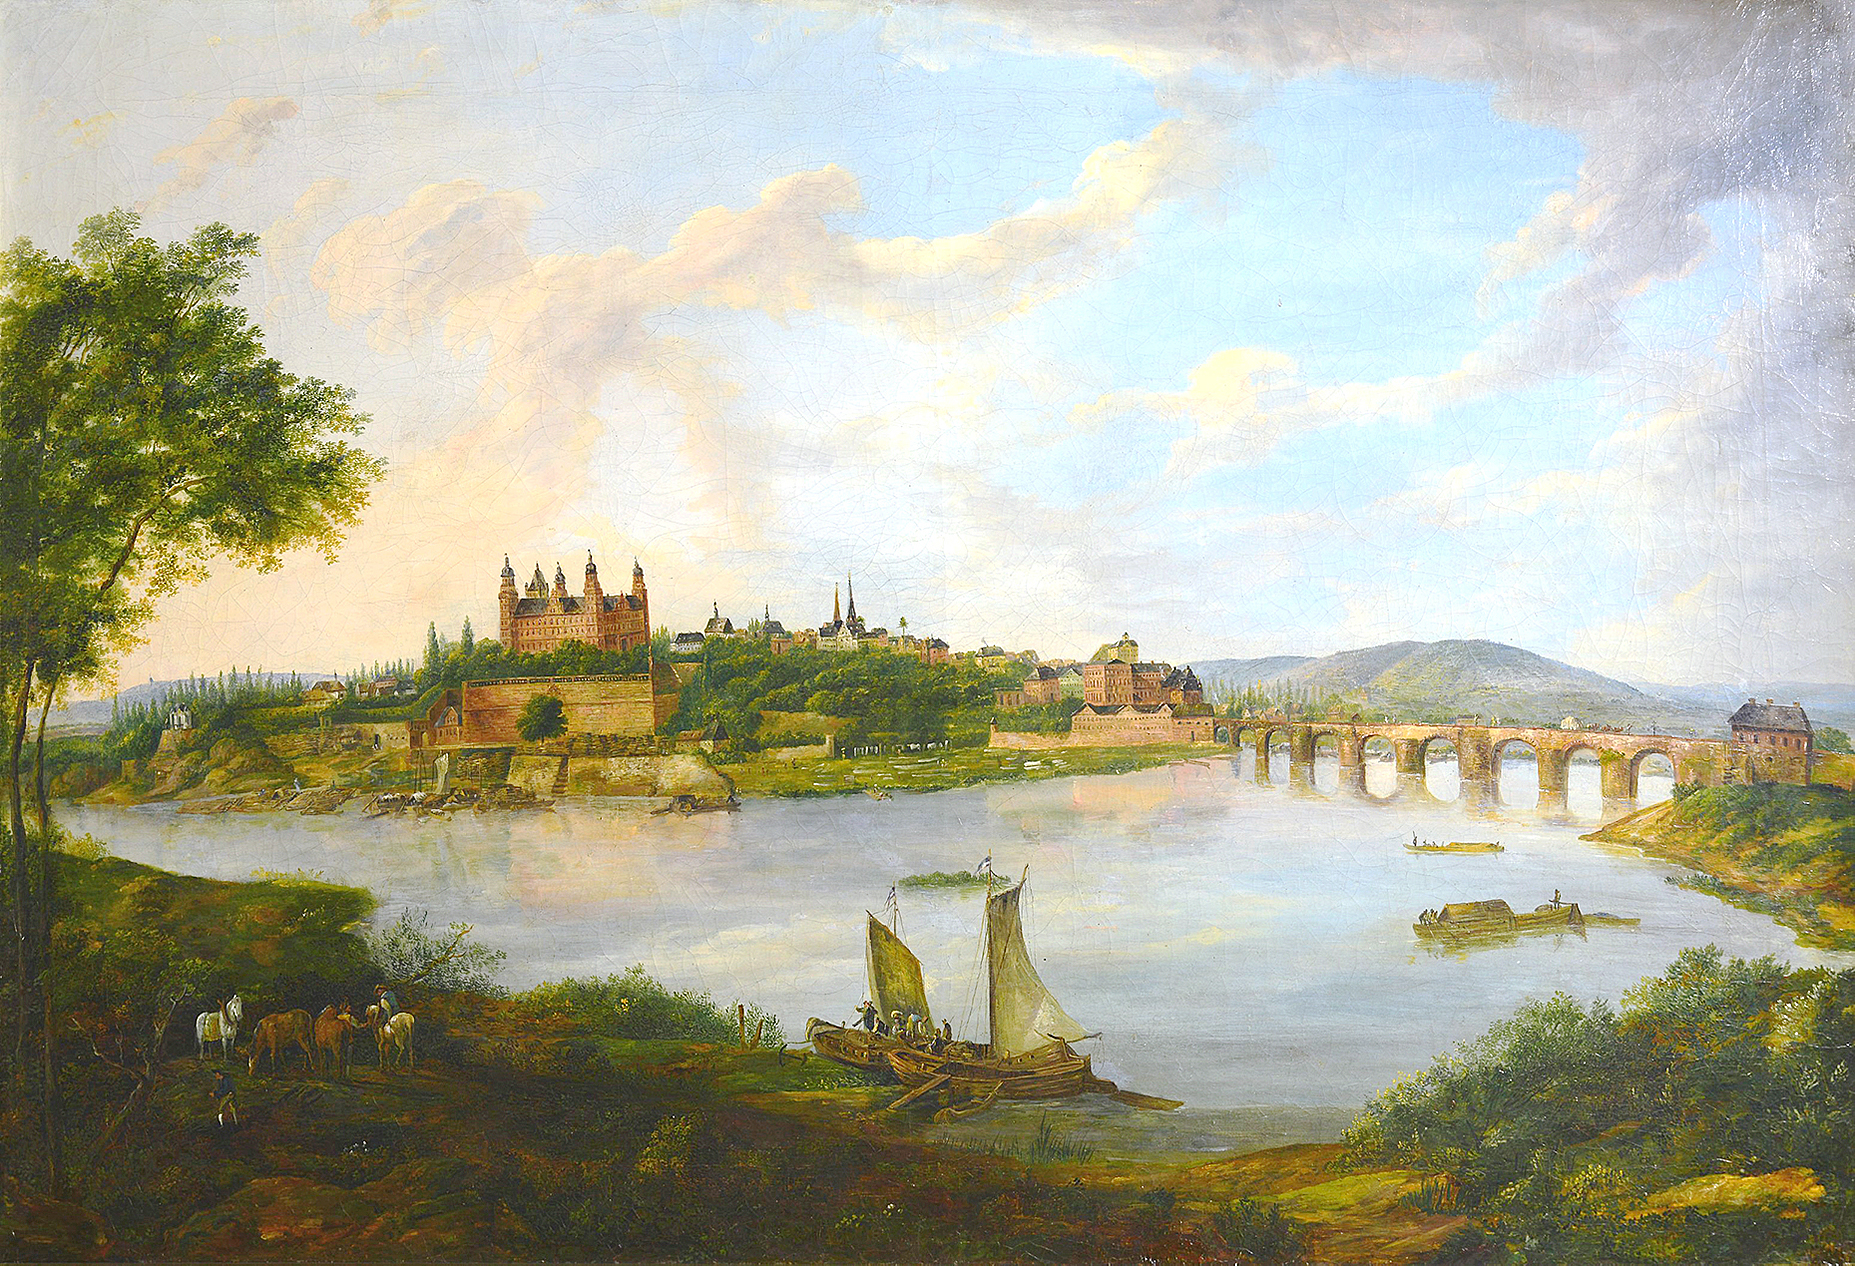 © Stadtansicht Aschaffenburg, Ölgemälde, 1. Hälfte 19.Jh. Museen der Stadt Aschaffenburg, Foto: Ines Otschik